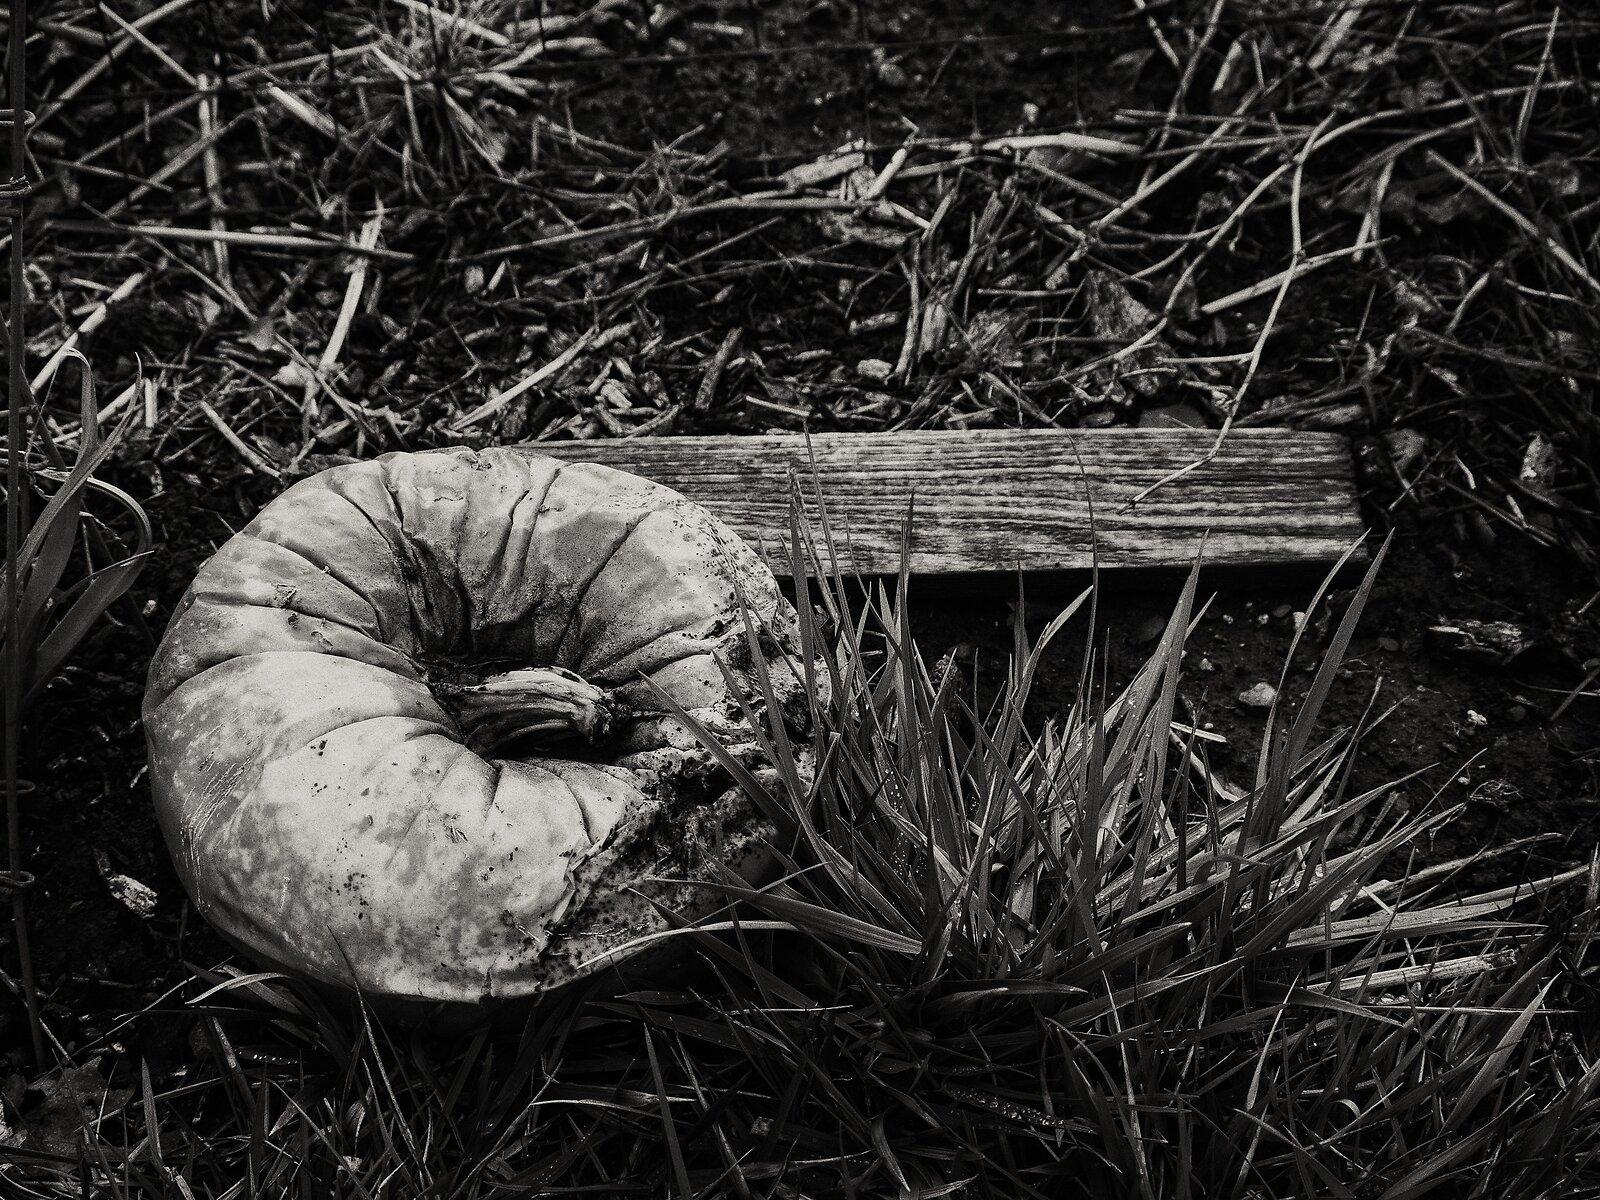 GX9_Feb18_21_rotting_pumpkin.jpg